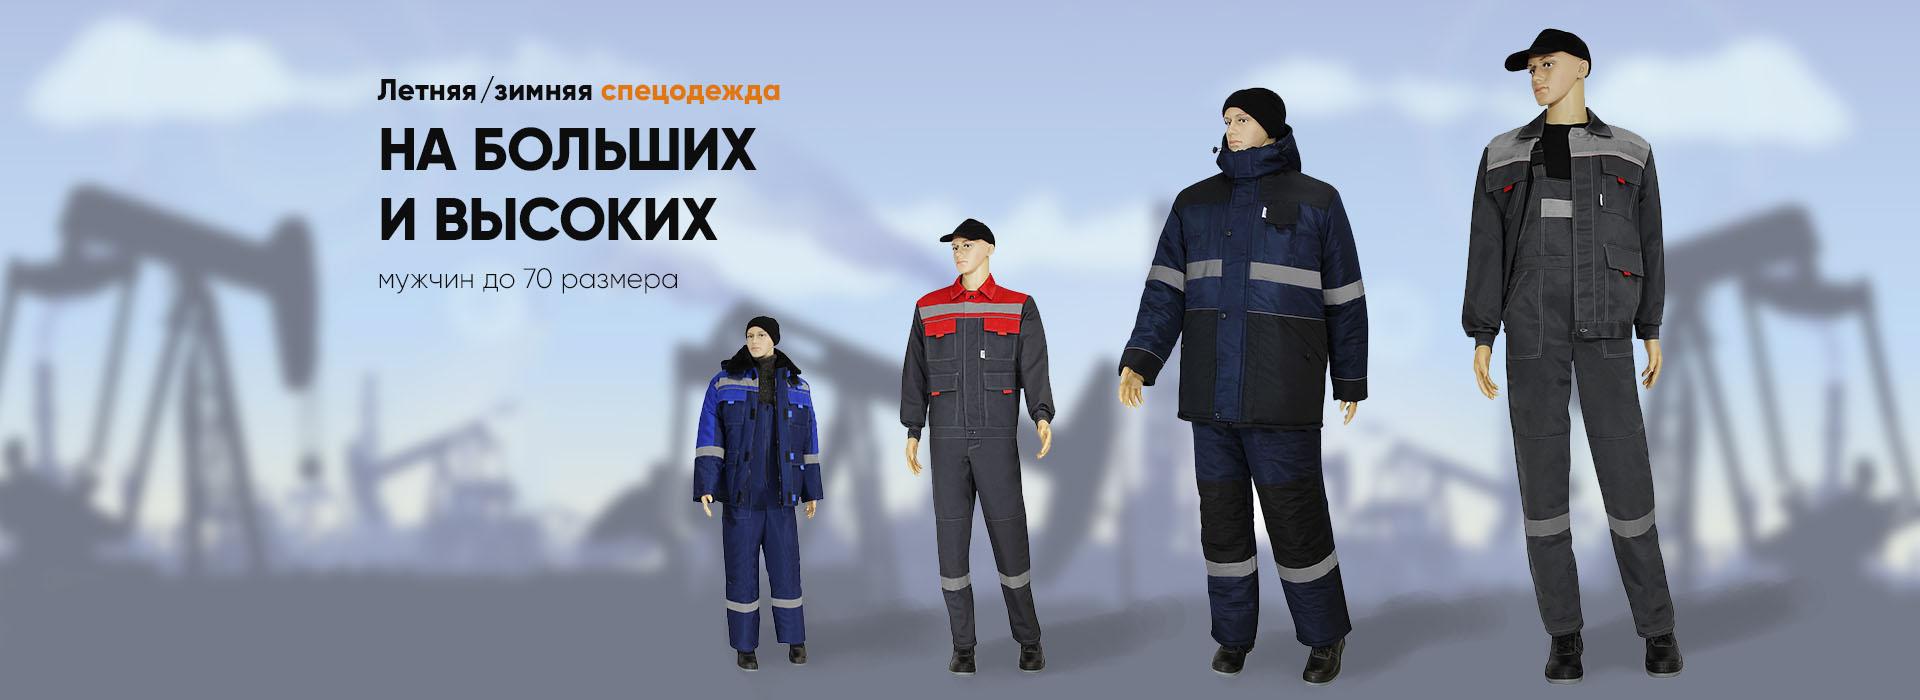 Летняя/зимняя спецодежда на больших и высоких мужчин до 70 размера